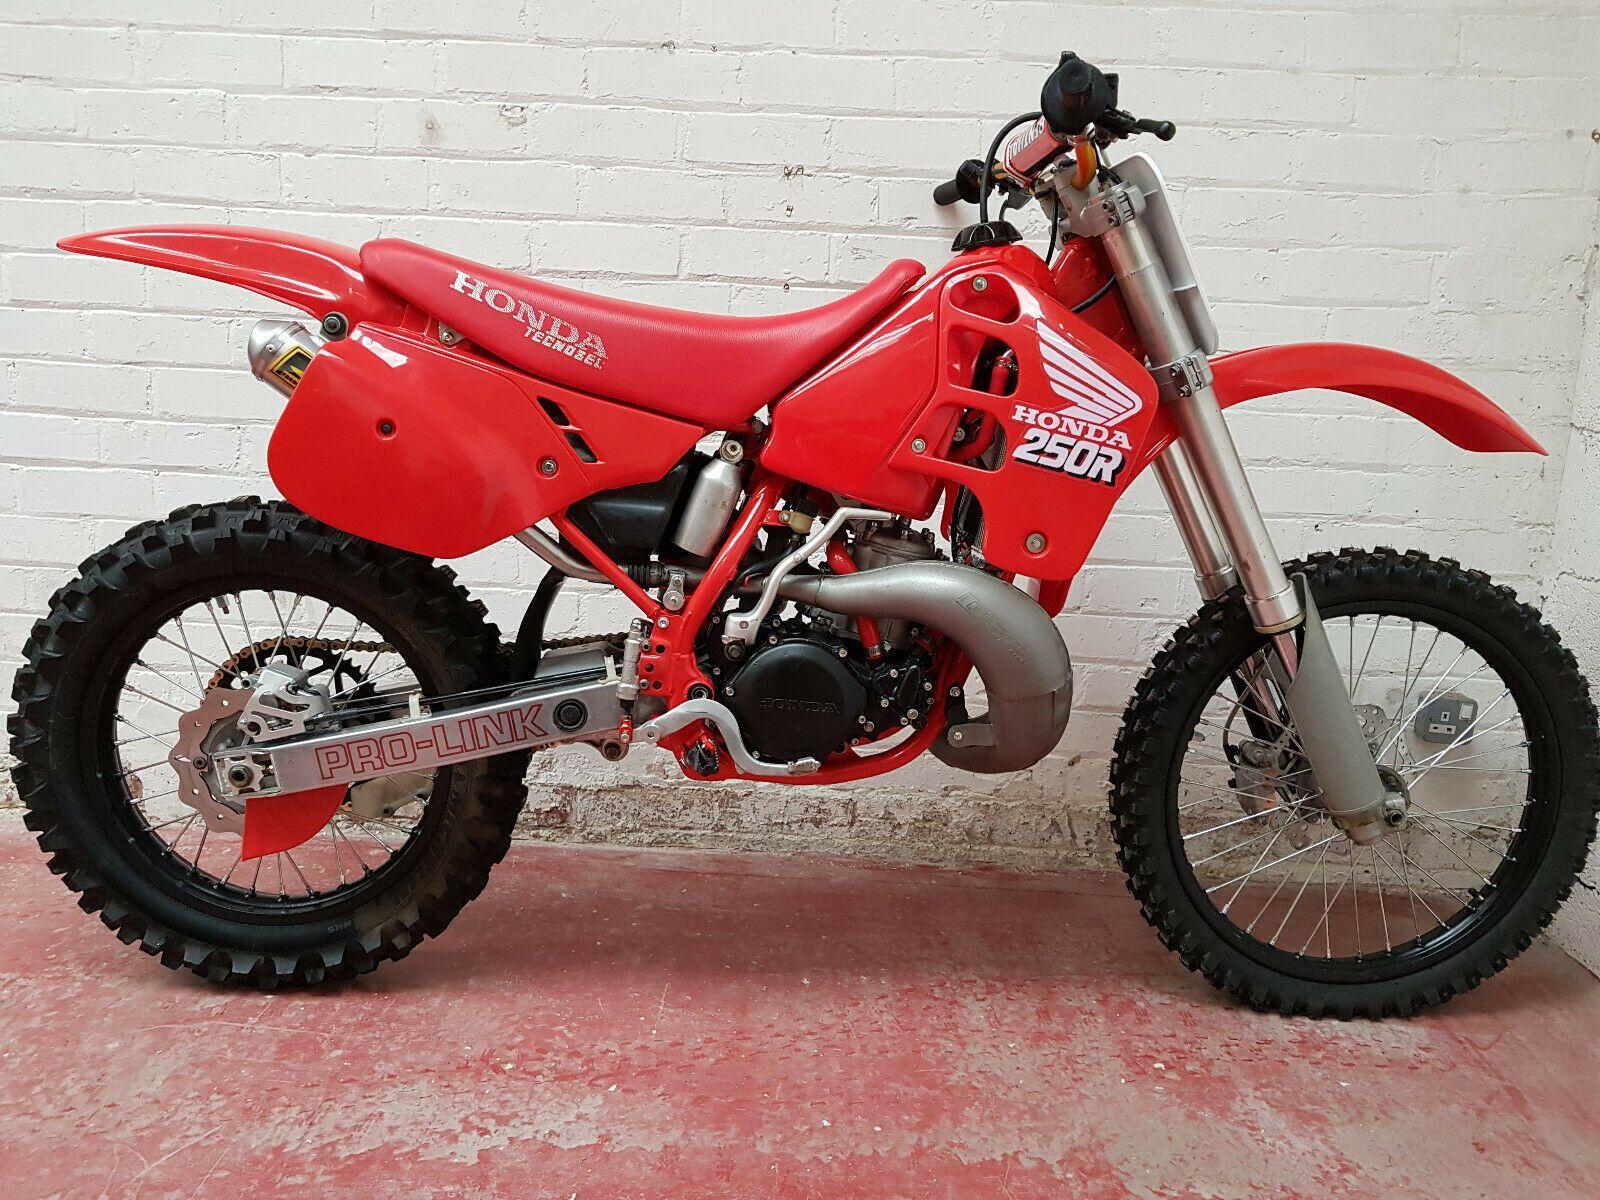 Honda Cr250 1989 Evo Motocross Bike Complete Restoration Mint Condition Ebay Motocross Bikes Honda Dirt Bike Honda